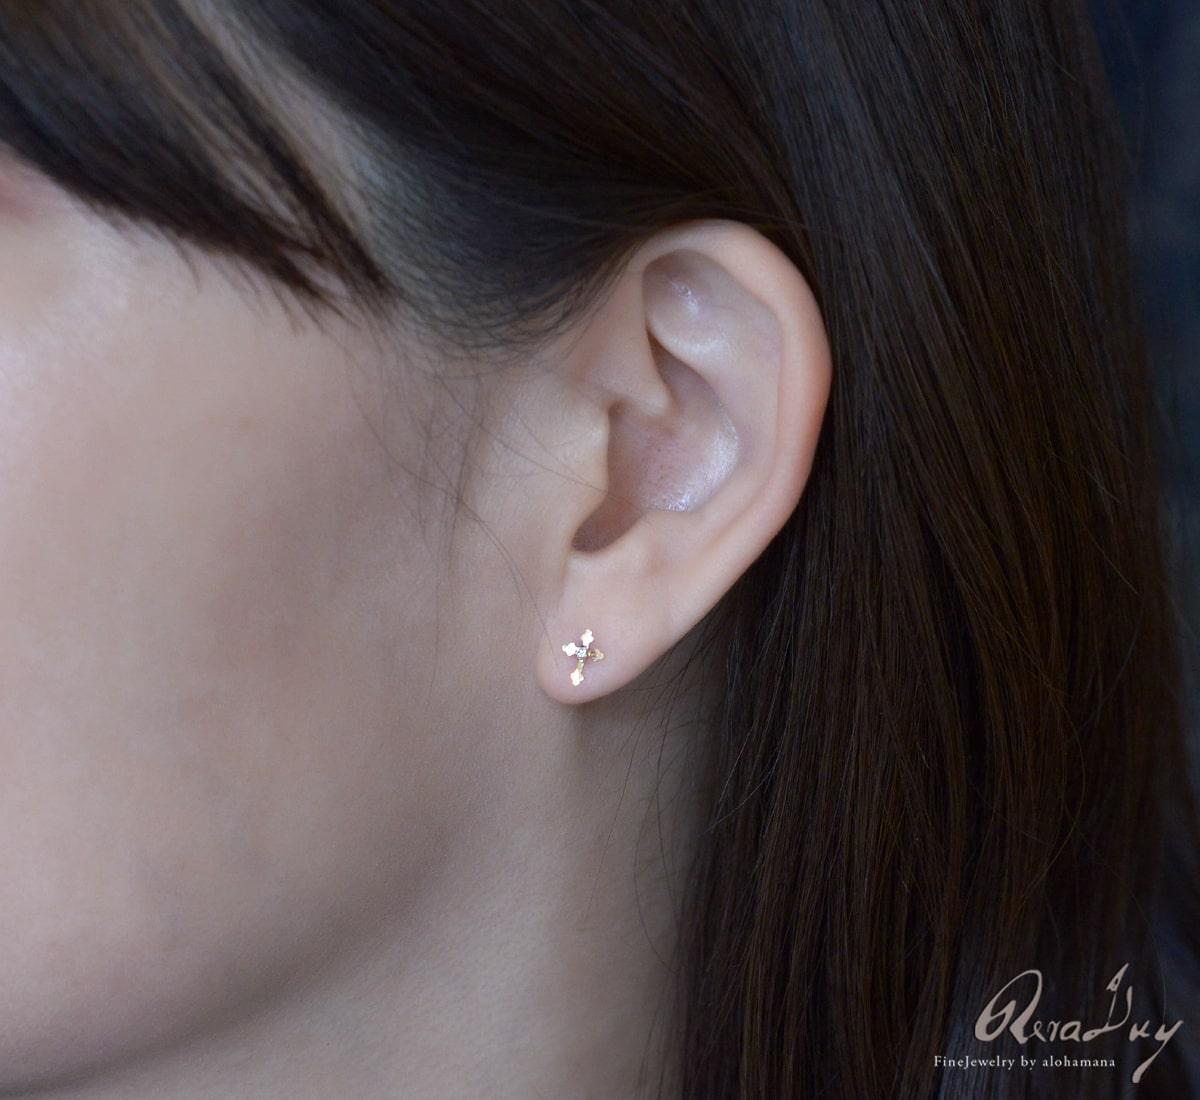 K10 ゴールド ピアス レディース 女性 アクセサリー 一粒ダイヤモンドクロス ピアス 0.012ct  両耳用 イエローゴールド スタッドピアス  (RERALUy) 新作/rpe1680k10